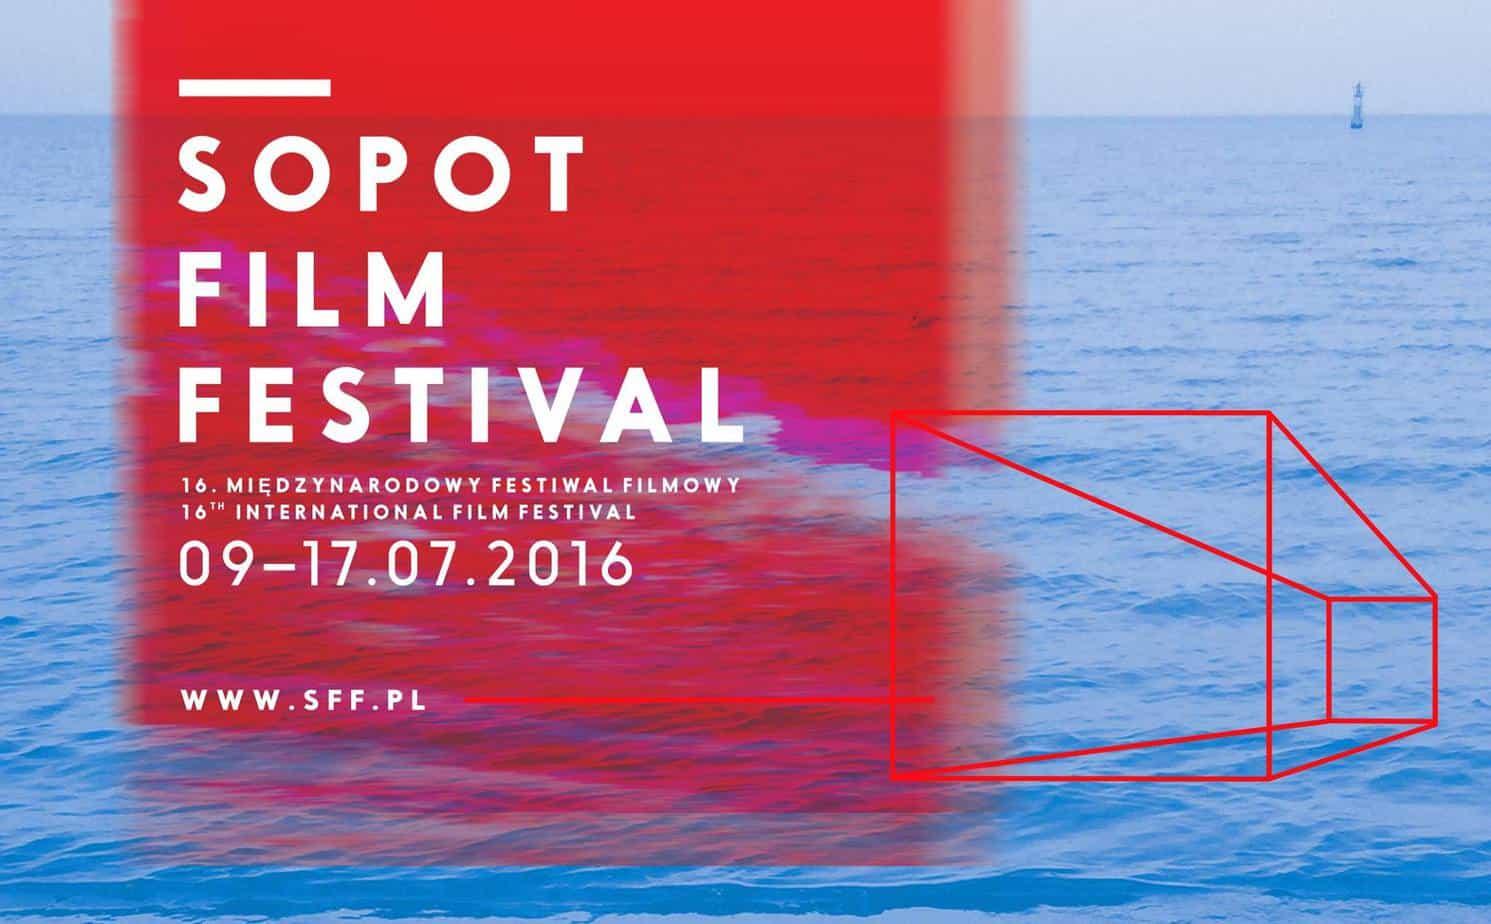 Polecamy: Sopot Film Festival 2016